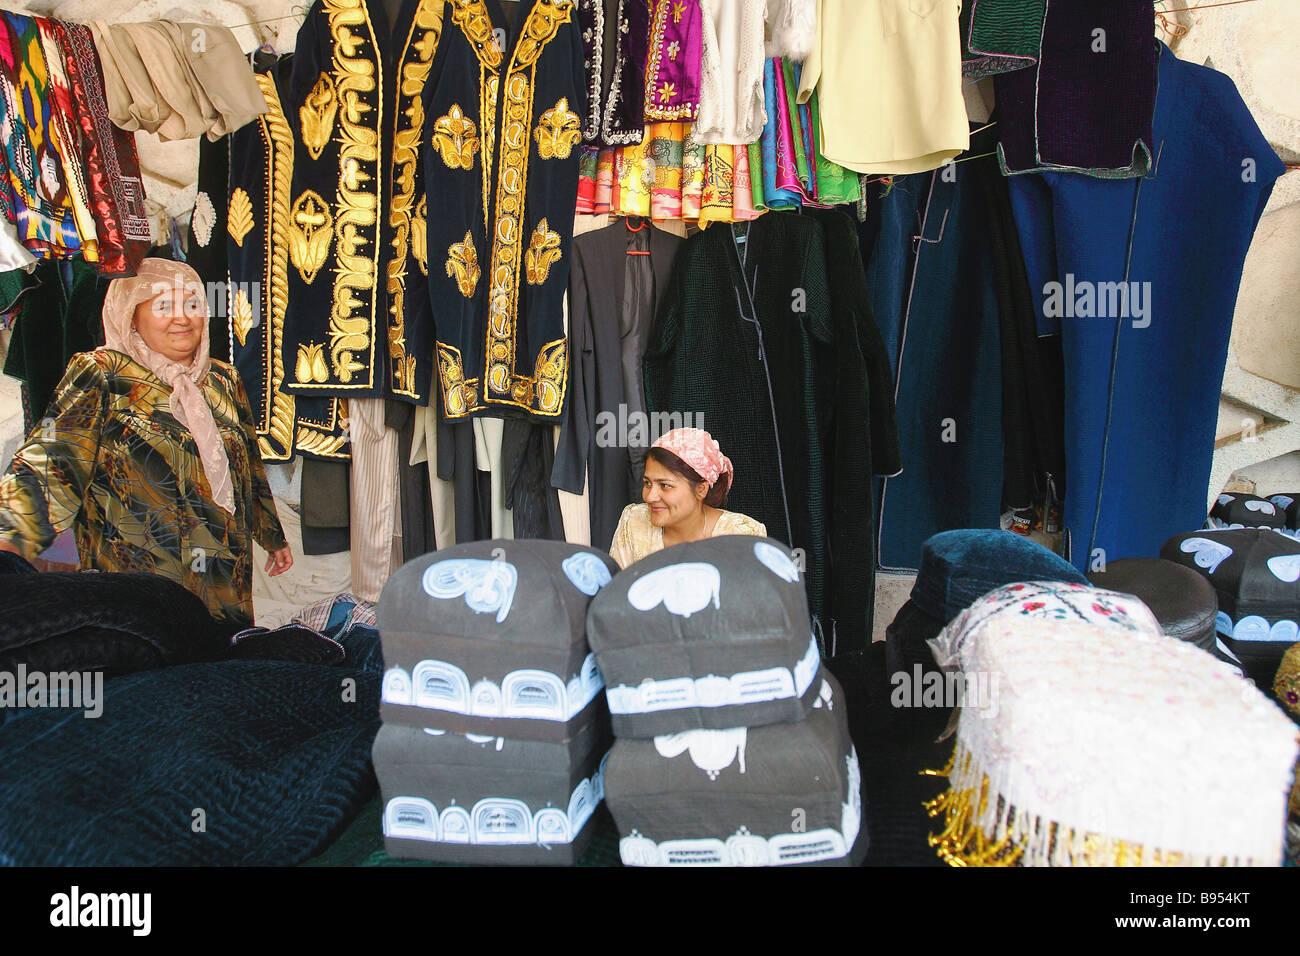 Costumi Folk fornitori in un mercato a Dushanbe, la capitale tagika Immagini Stock